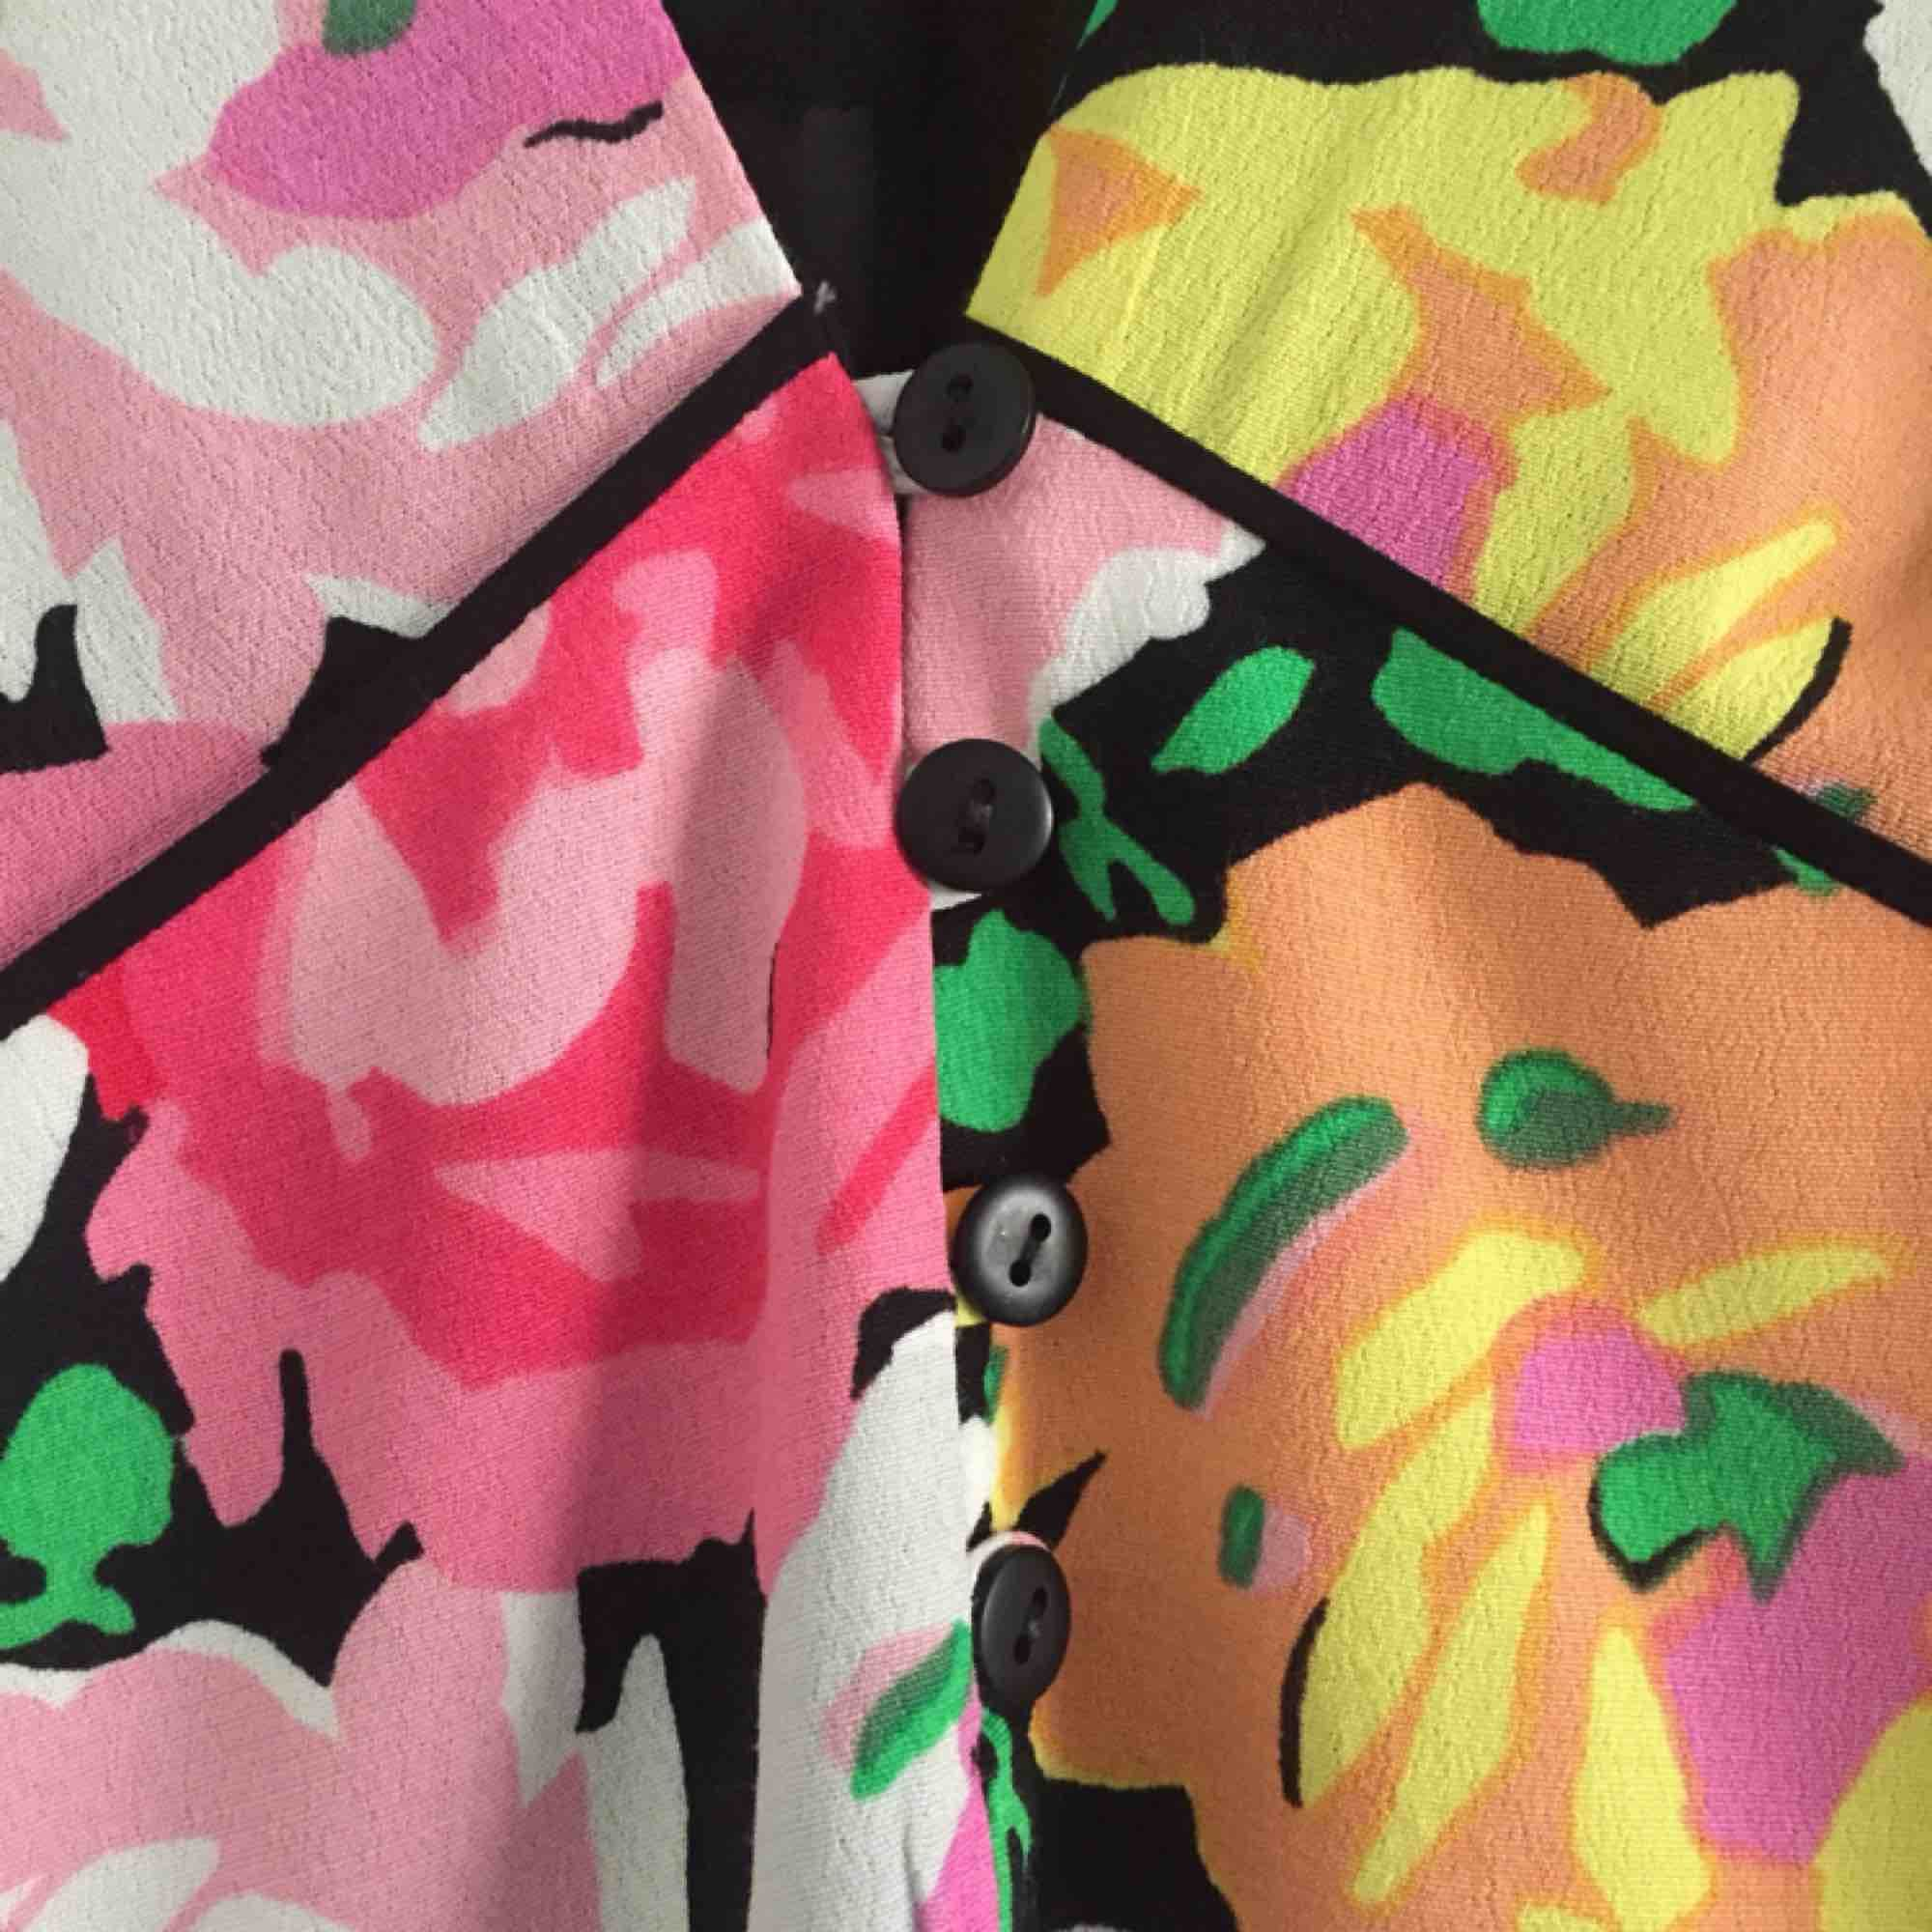 Vårig, blommig klänning med t-shirt ärmar från Zara Trafaluc. Som vanligt med Zara's kläder så är den ganska liten i storleken. Frakt: 55 kr blå påse eller 63 kr spårbart . Klänningar.